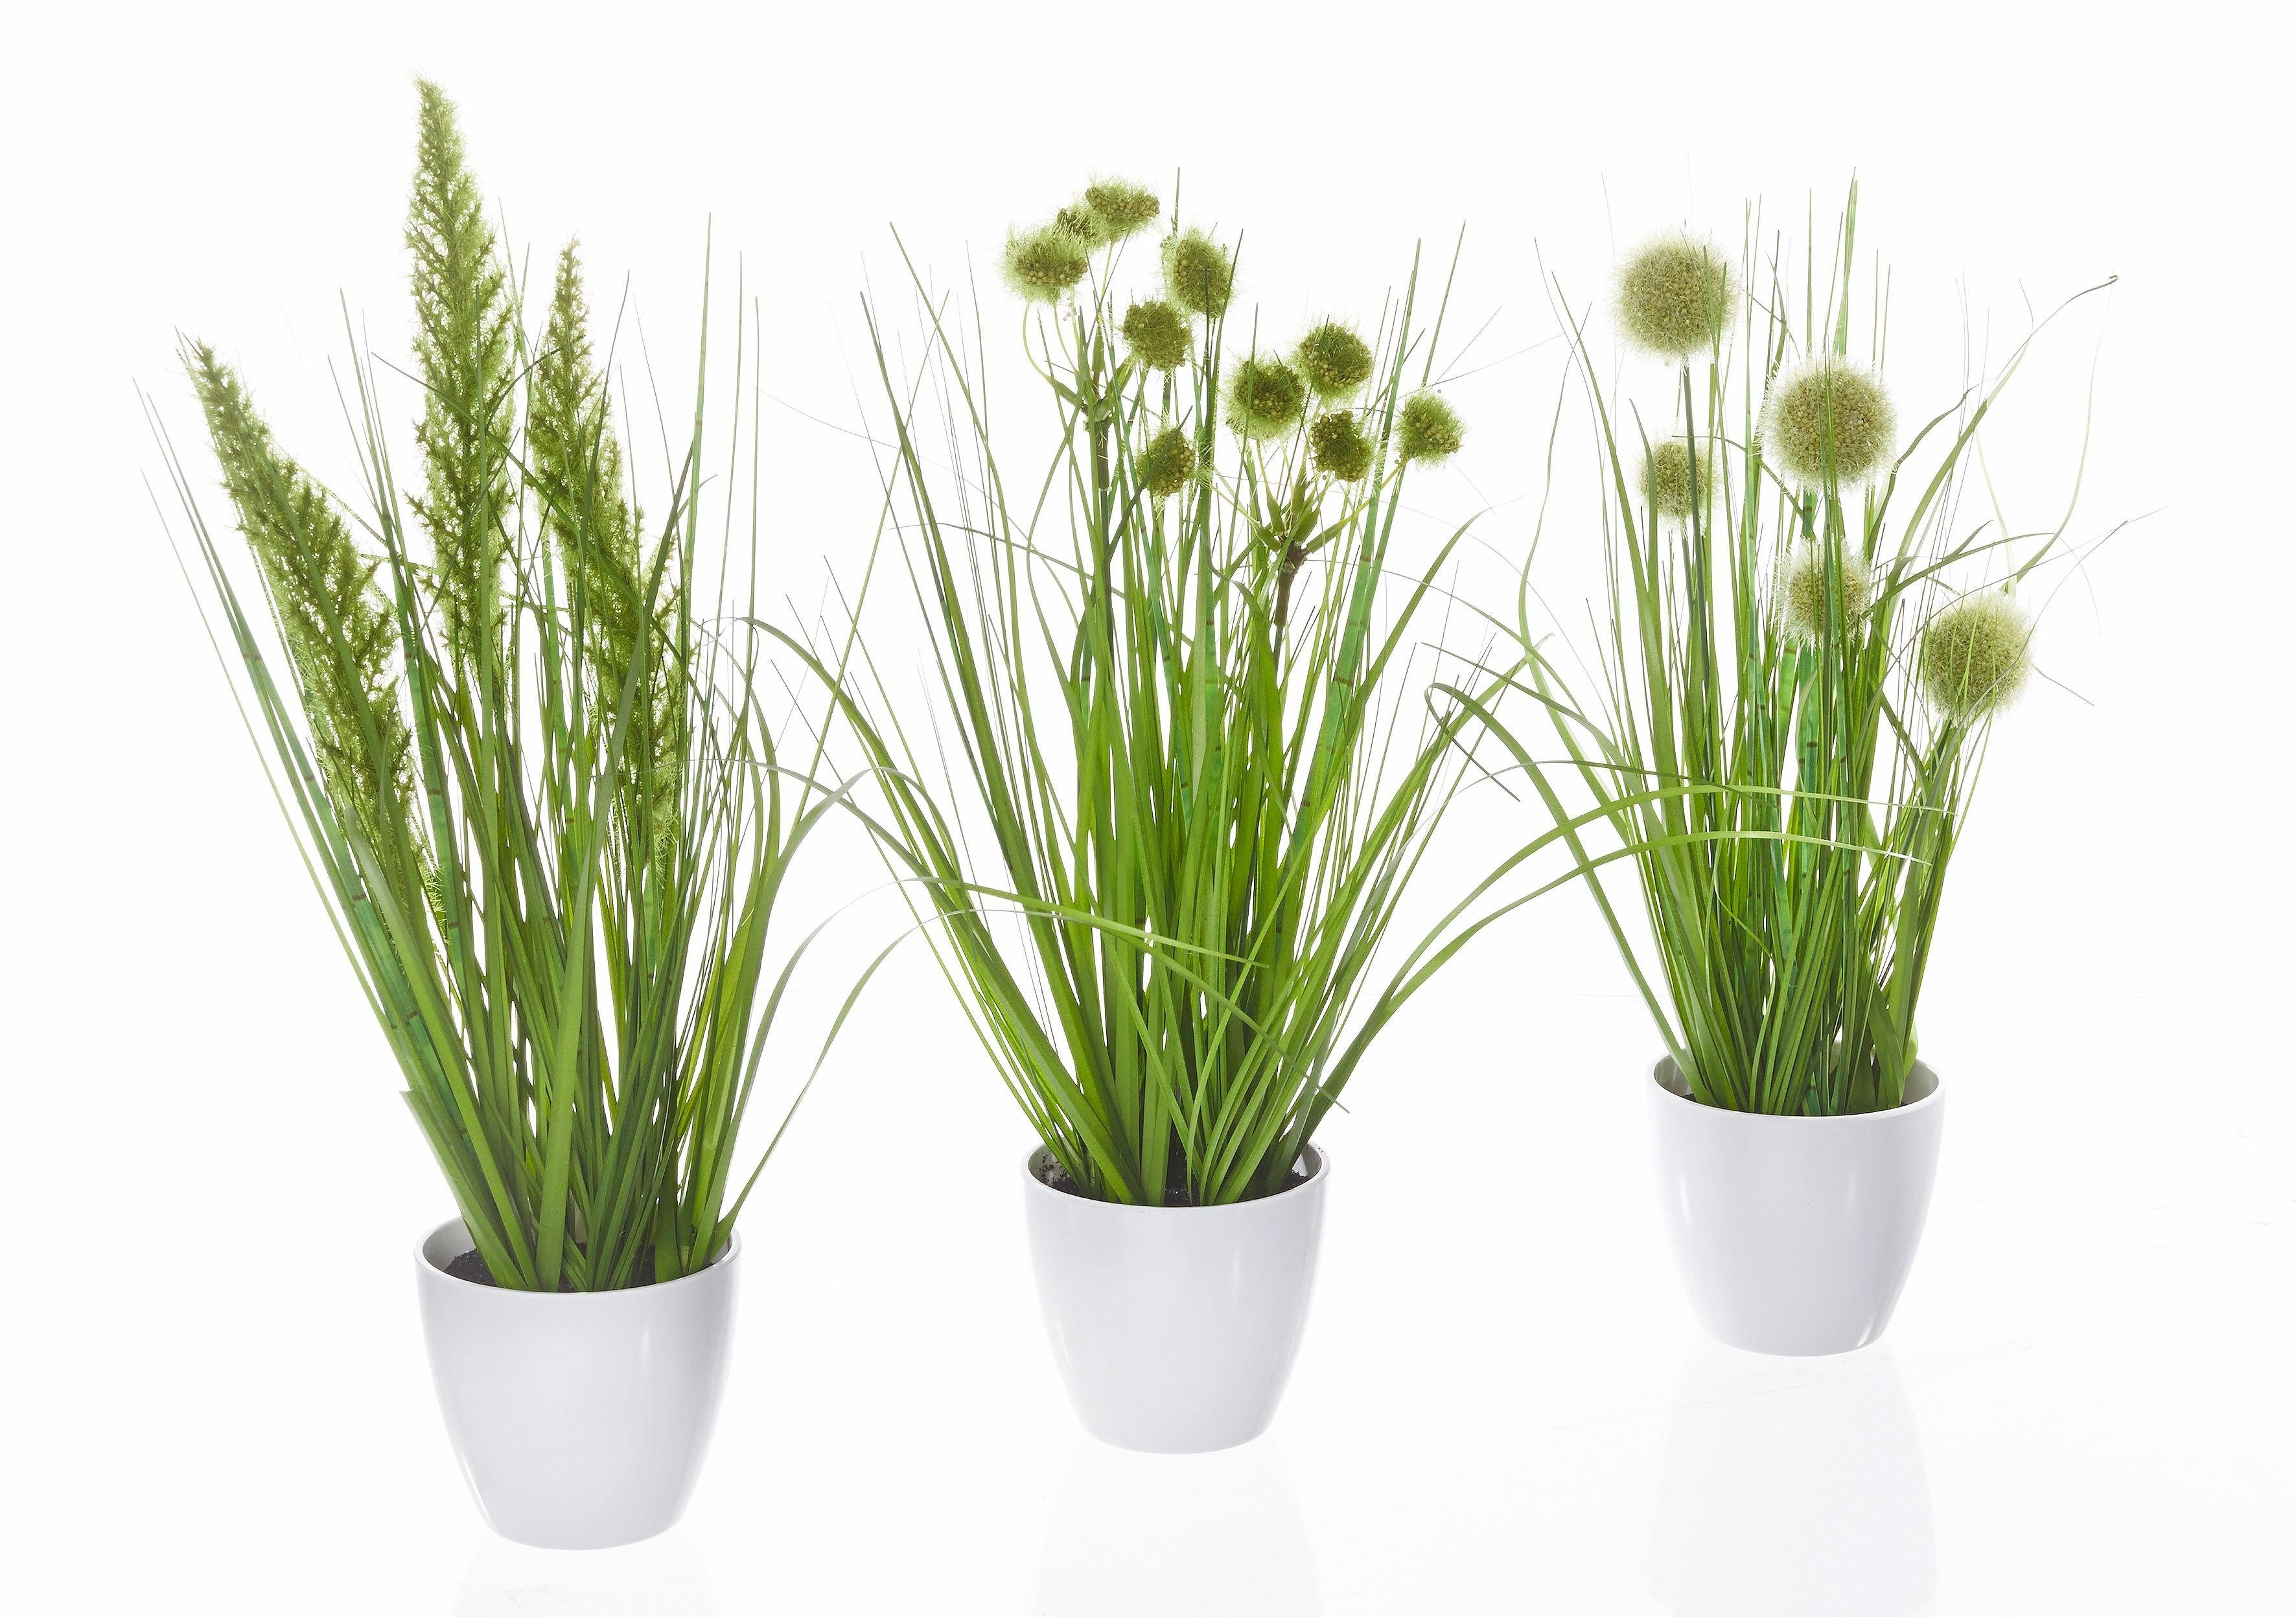 Home affaire Kunstpflanze »Gras im Topf« (3er Set)